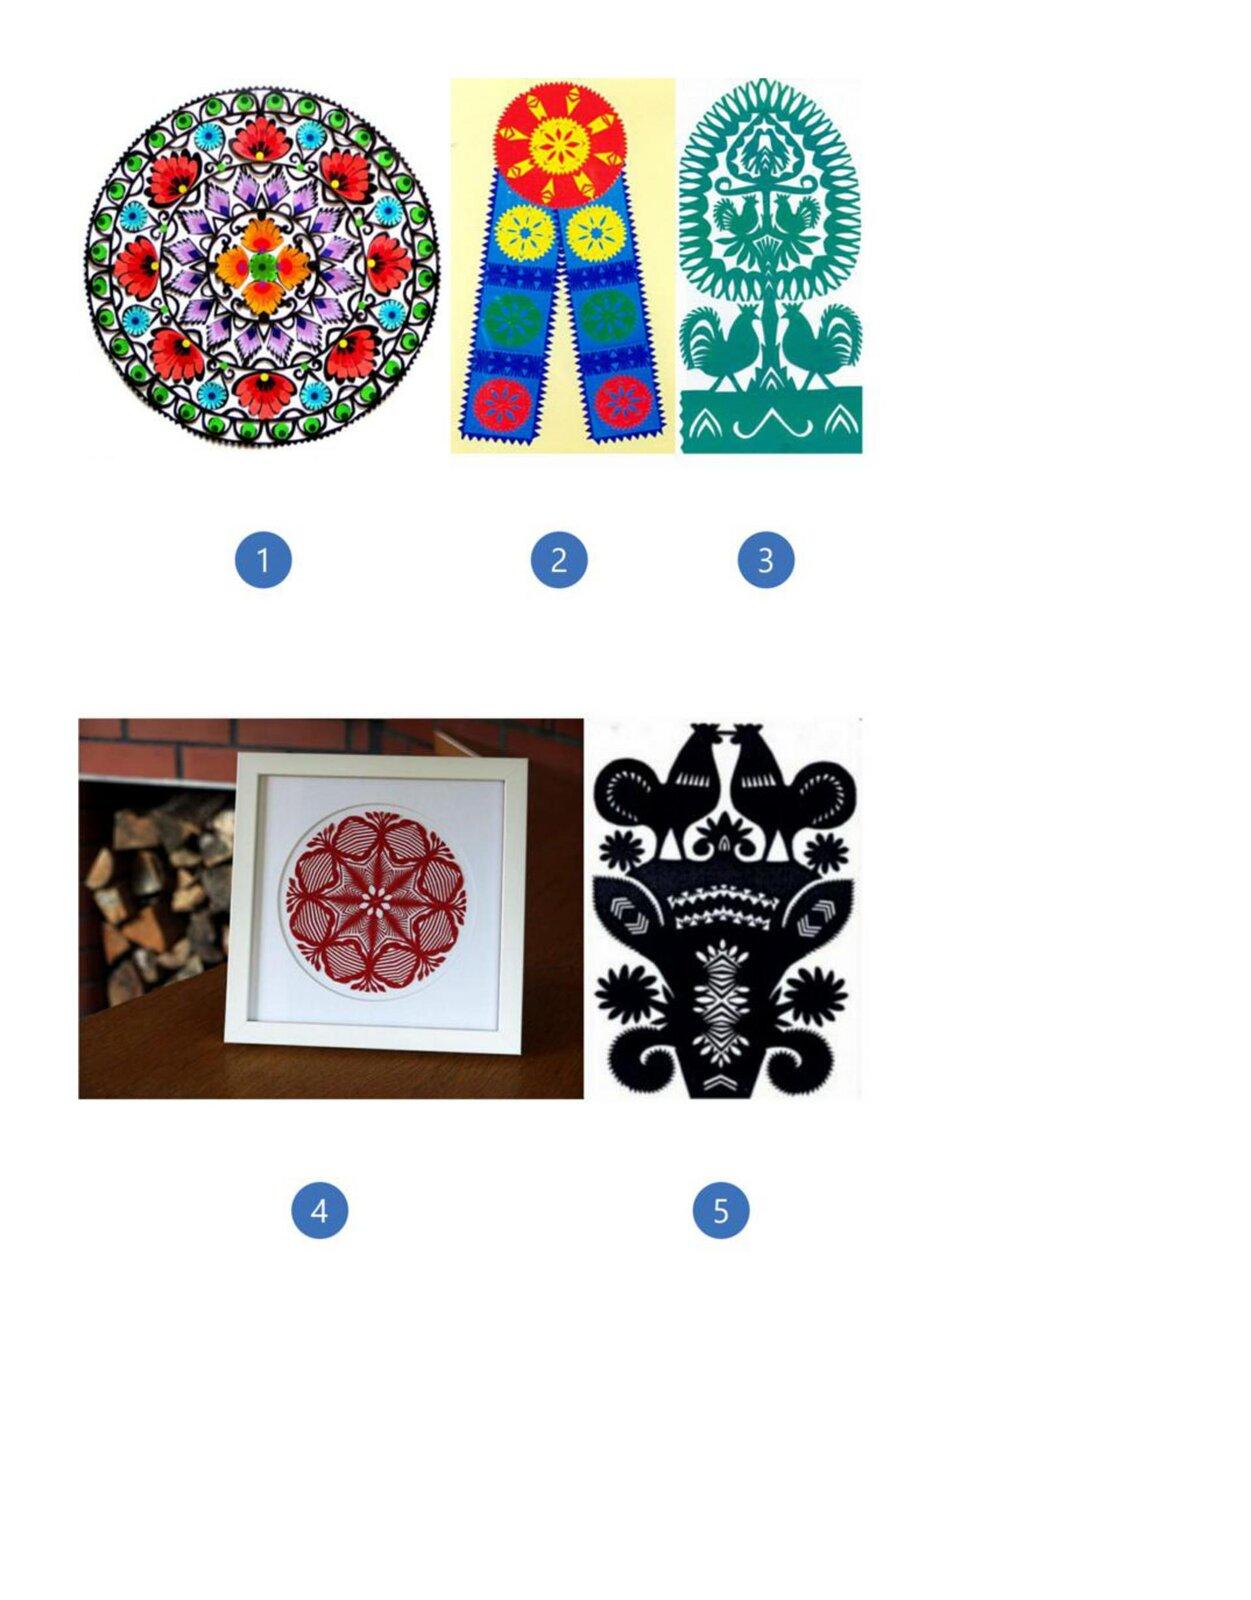 Pierwsza ilustracja przedstawia serwetkę zbudowana ztrzech pierścieni ikole wśrodku. Zewnętrzny pierścień to zielone pawie oczka ułożone dookoła. Kolejny pierścień to na przemian duże czerwone imałe niebieskie kwiaty. Trzeci pierścień składa się zfioletowych listków. Środek to zielony kwiatek dookoła, którego są cztery pomarańczowo-czerwone kwiaty. Pierścienie oddzielone są czarną cienką linią od siebie. Druga ilustracja przedstawia czerwone koło zżółtym wzorem wśrodku. Zkoła wychodzą dwie niebieskie wstęgi zpiłowatymi brzegami. Na każdej znich są trzy okrągłe rozetki wkolorze żółtym, zielonym iczerwonym ułożone jedna pod drugą. Rozetki są przedzielone wzorem przypominającym ustawione małe słupki siana wkolorze granatowym. Trzecia ilustracja przedstawia zielone wzory. Wcentralnej części jest drzewo zowalną koroną. Po obu stronach stoją koguty. Wśrodku korony drzewa mamy kolejny wzór. Są to dwa koguty siedzące na gałązce zwrócone dziobami do siebie. Ponad nimi na gałązce siedzą dwa ptaki stykające się dziobami. Czwarta ilustracja przedstawia wzór wkolorze czerwonym oparty na okręgu. Wśrodku widać kwiat obiałych płatkach. Od niego rozchodzą się wzory tworzące gwiazdę zwieńczone na końcach motywem roślinnym. Piąta ilustracja przedstawia rawską rózgę. Jest to czarny, symetryczny wzór wycinaki. Widać na niej motywy roślinne, gałązki zkwiatami, augóry nad nimi są dwa koguty stykające się dziobami.